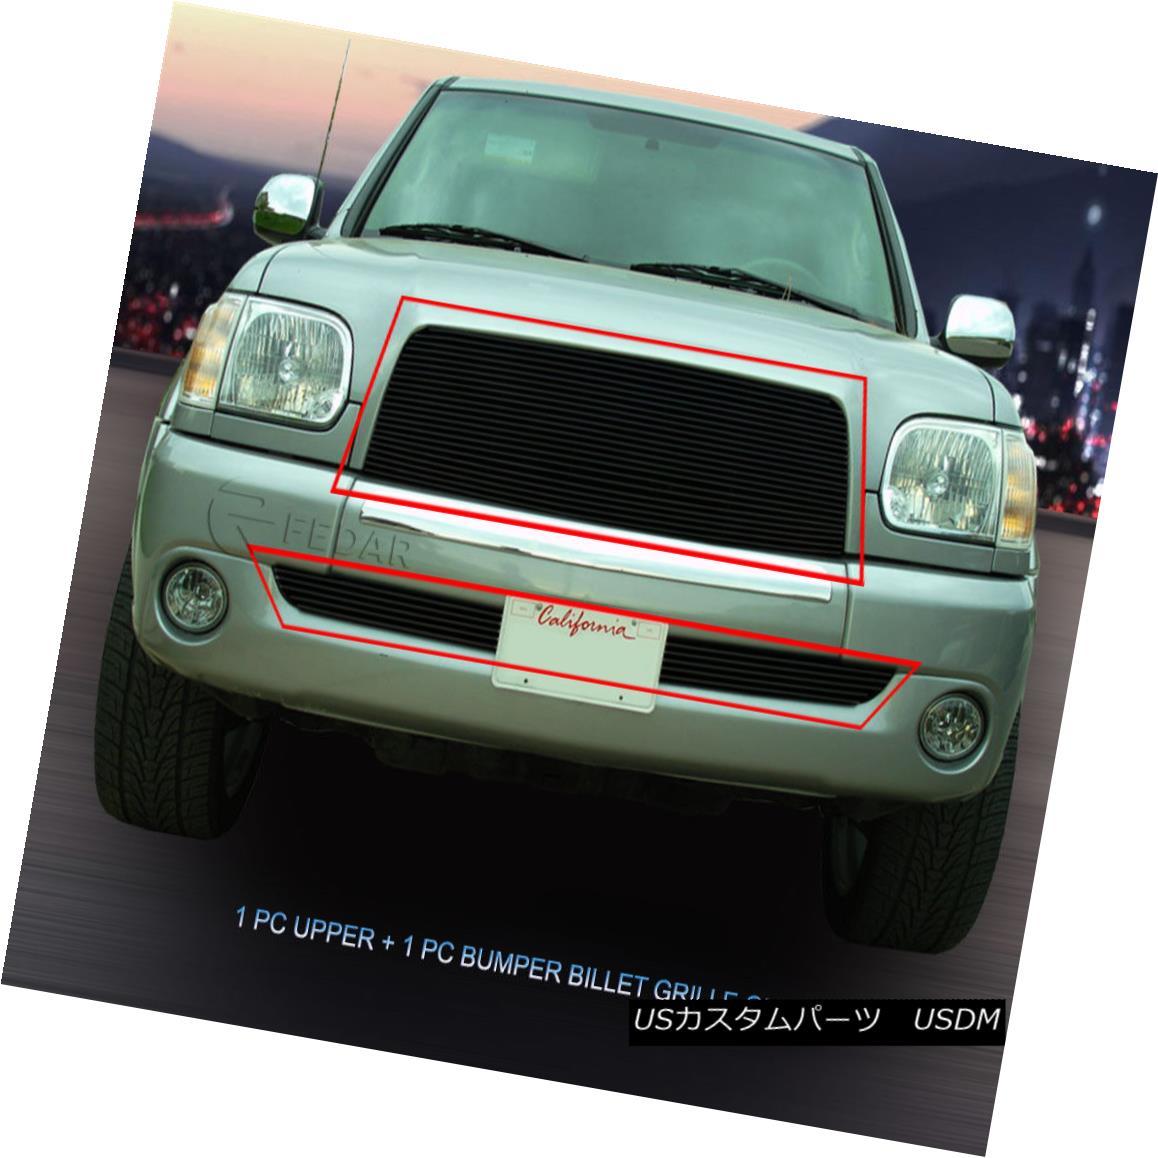 グリル 03-06 Toyota Tundra Black Billet Grille Grill Combo Insert Fedar 03-06トヨタトンドラブラックビレットグリルグリルコンボインサートFedar